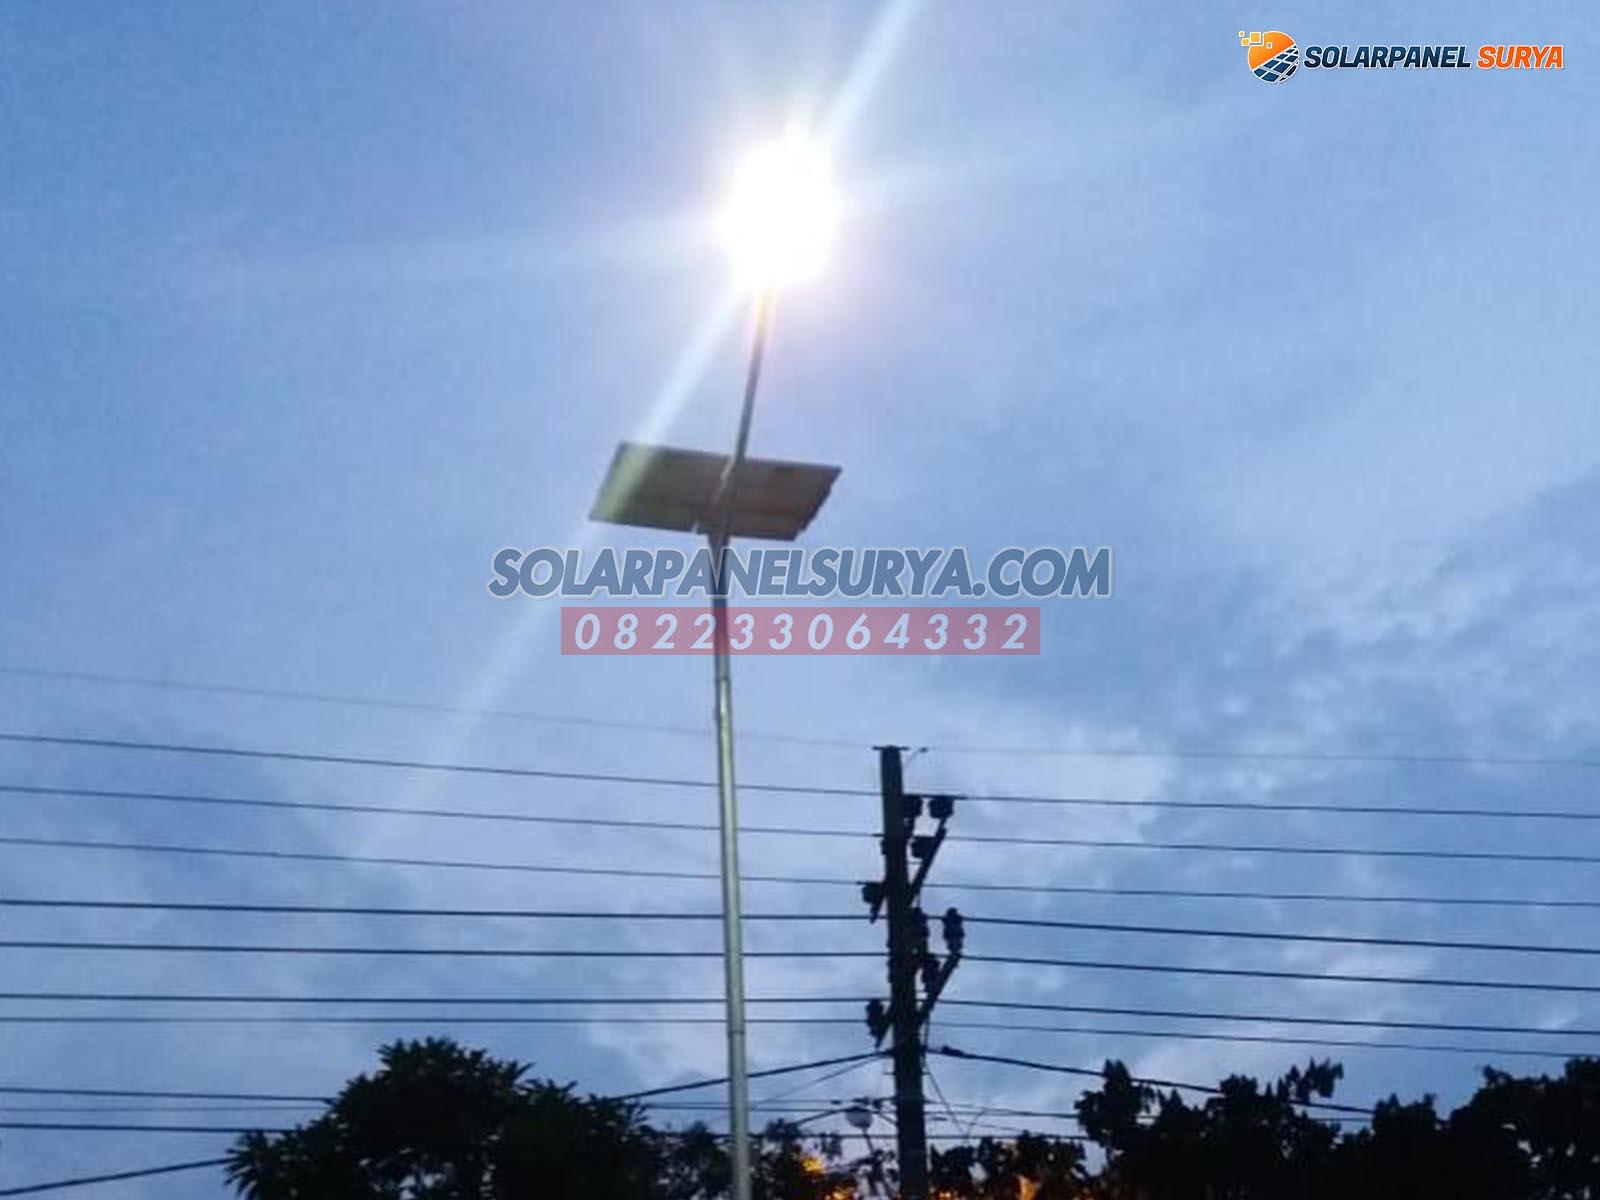 jual paket lampu jalan tenaga surya denpasar bali murah bergaransi